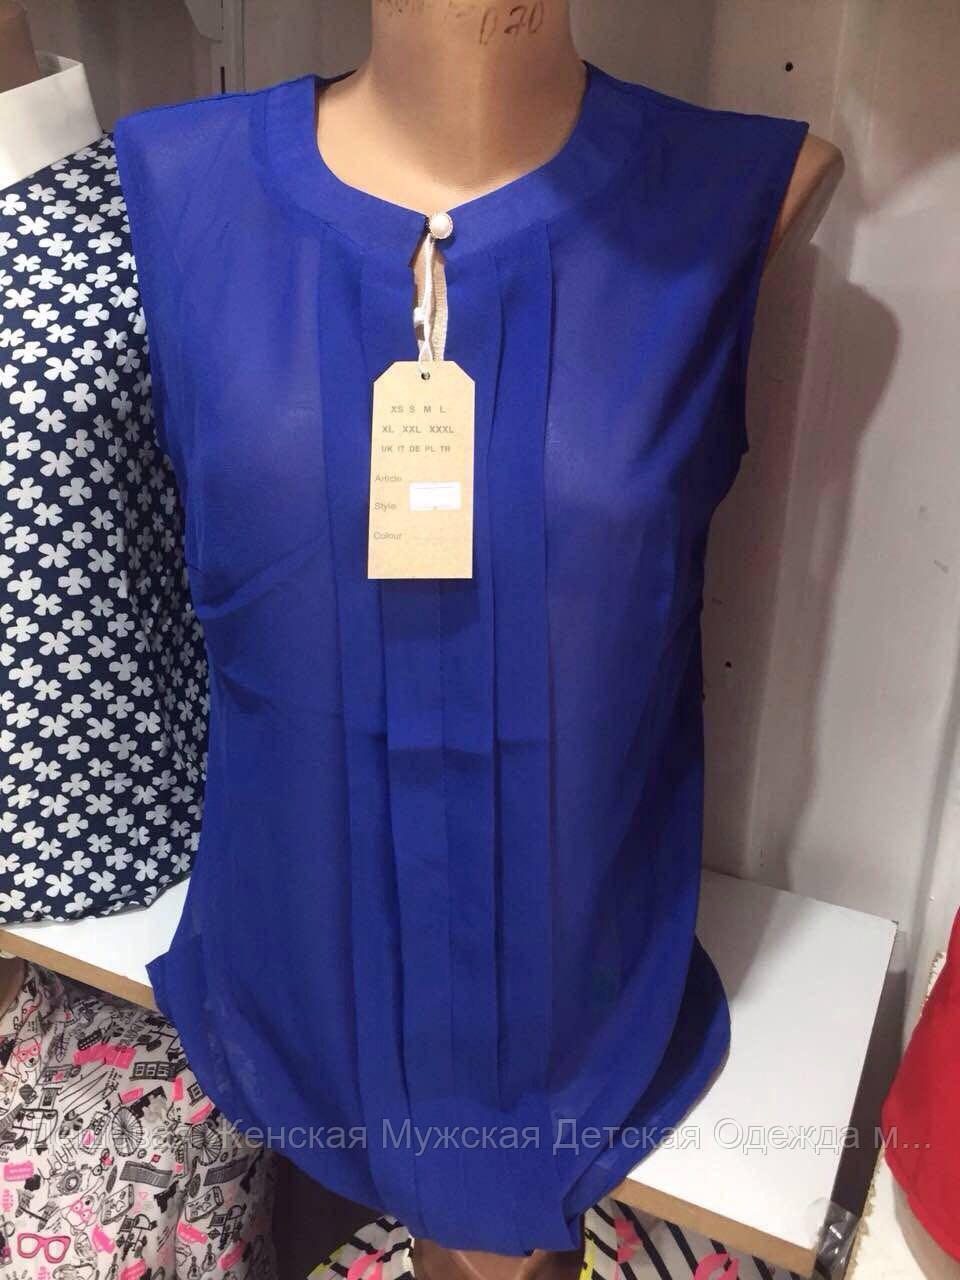 Женская блузка лето